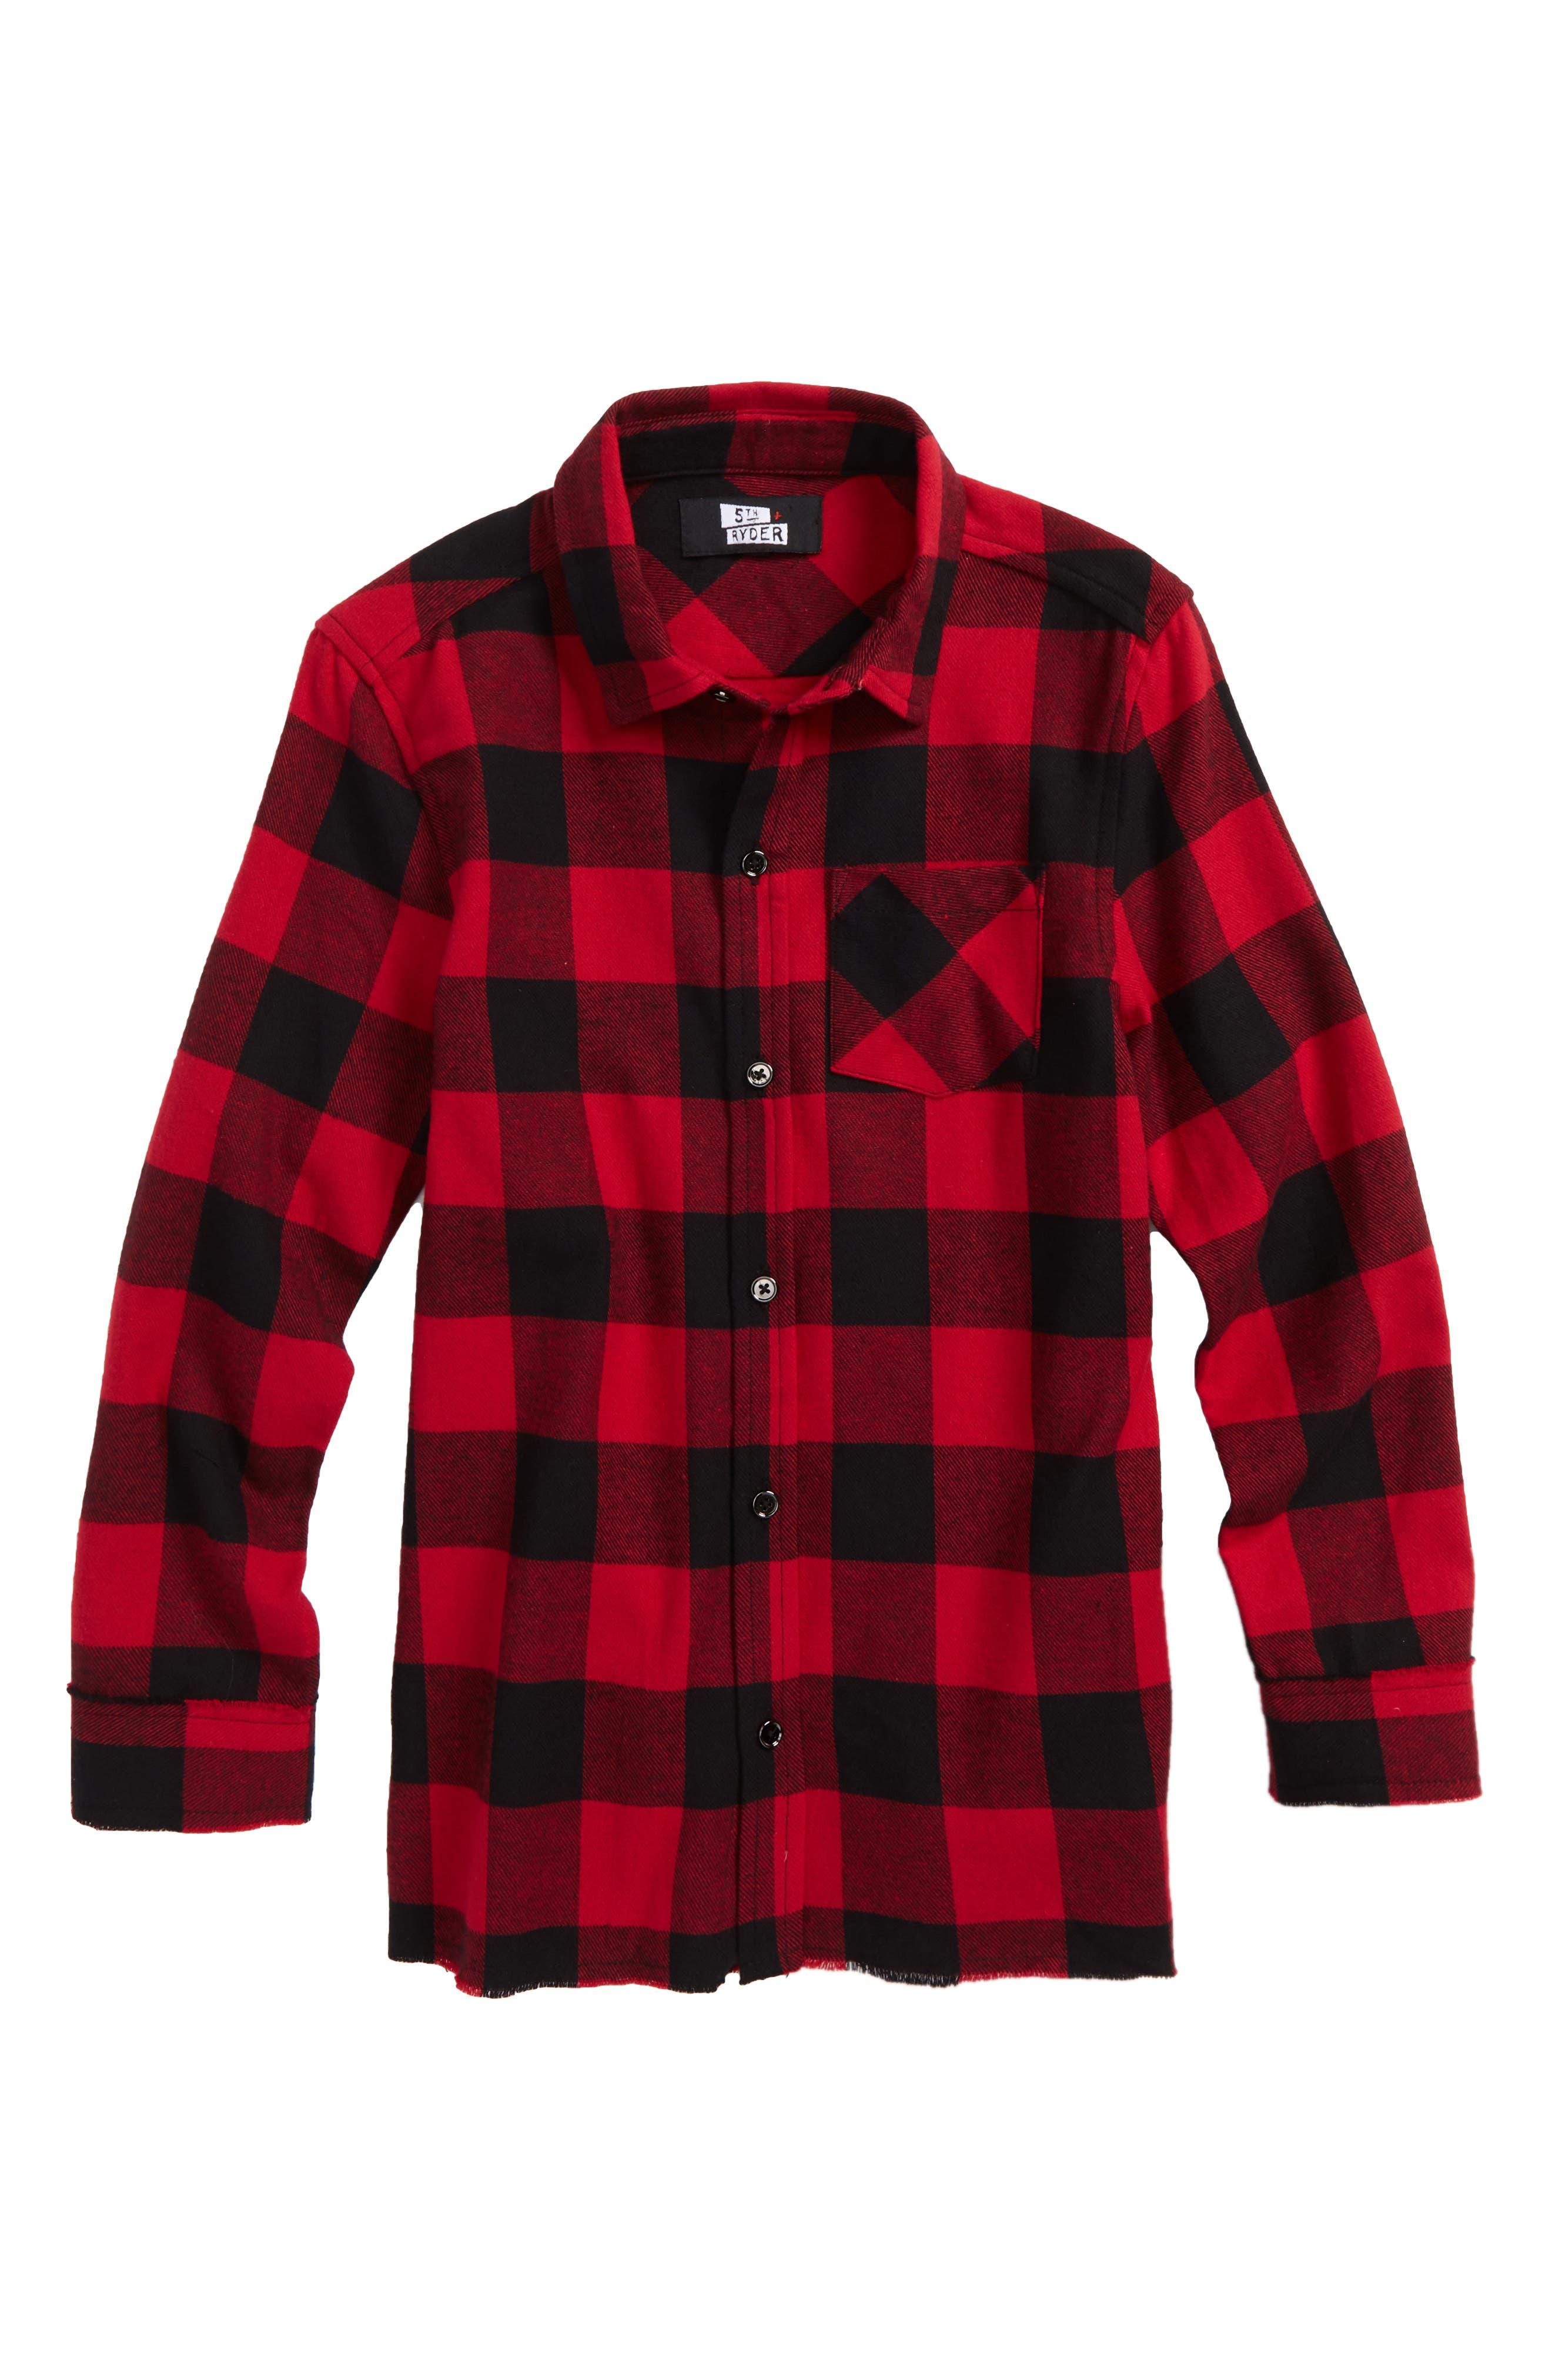 5th and Ryder Buffalo Check Woven Shirt (Big Boys)